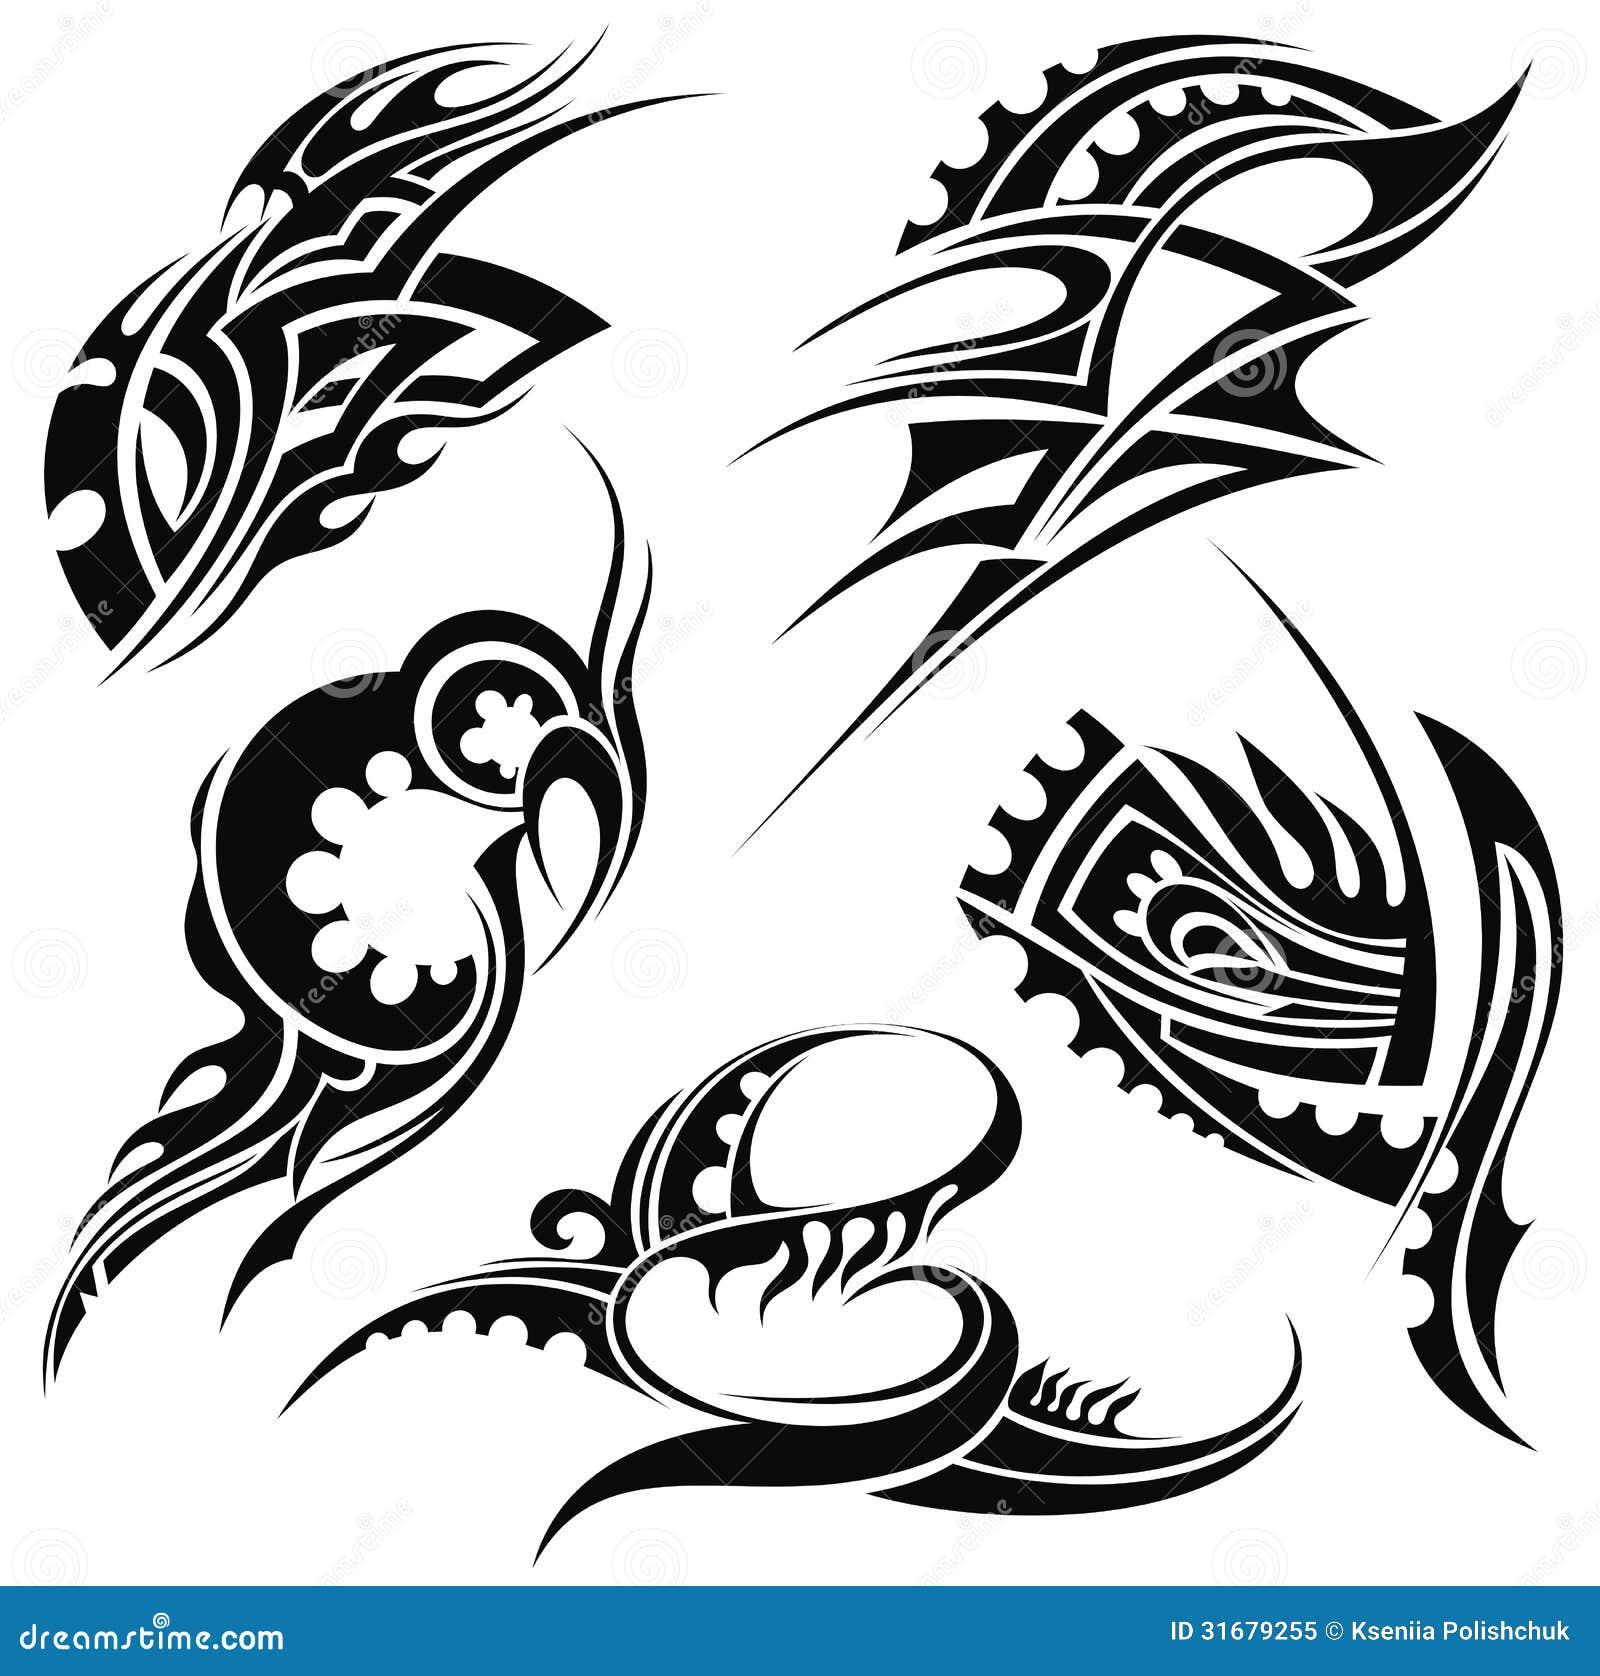 design elements tribal art stock vector illustration of artistic decor 31679255. Black Bedroom Furniture Sets. Home Design Ideas